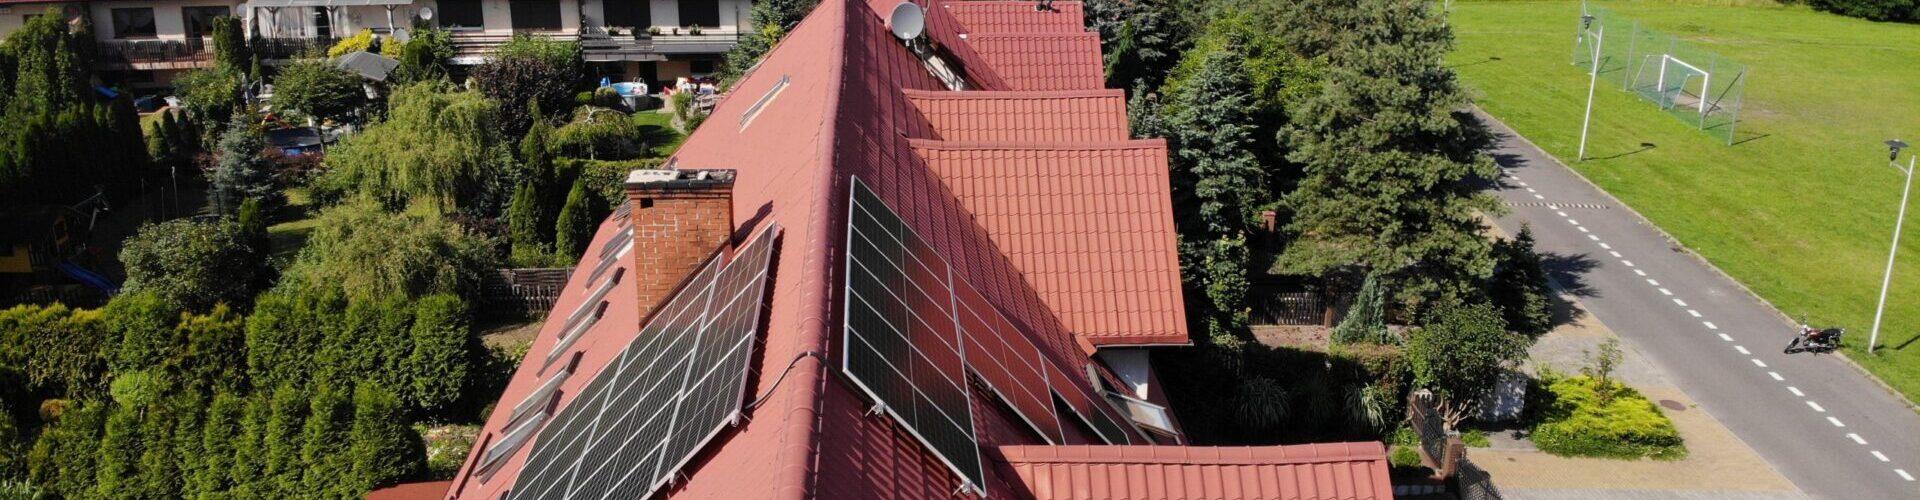 Ledziany instalacja PV 9,9 kW